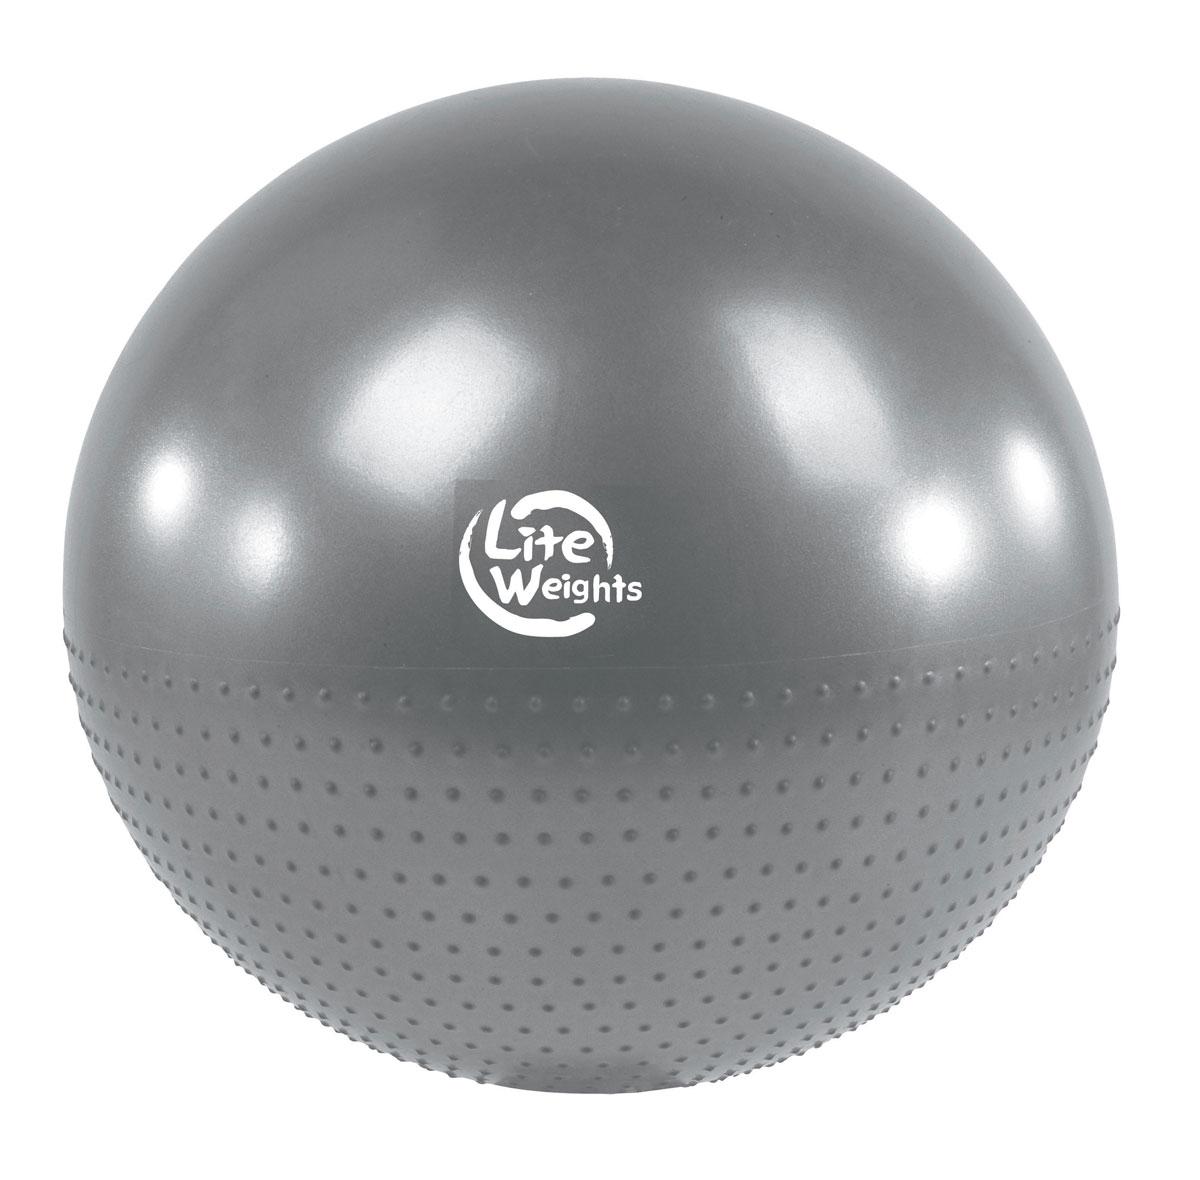 Мяч гимнастический Lite Weights, массажный, цвет: серебристо-серый, диаметр 65 смВВ010-26Гимнастический мяч Lite Weights является универсальным тренажером для всех групп мышц, помогает развить гибкость, исправить осанку, снимает чувство усталости в спине. Мяч незаменим на занятиях фитнесом и физкультурой. Главная функция мяча - снять нагрузку с позвоночника и разгрузить суставы. Именно упражнения с применением гимнастических мячей способны тренировать спину и улучшать осанку, бороться с искривлениями позвоночника, в особенности у детей и подростков. Массажные гимнастические мячи обеспечивают одновременные массаж и тренировку мышц туловища и конечностей, улучшая тонус и увеличивая силу мышц, а также способствуют укреплению кровеносно-сосудистой системы. Гимнастические мячи могут использоваться также при массаже новорожденных. Преимущества мяча: - снабжен системой антивзрыв - специальная технология, предупреждающая мяч от разрыва при сильной нагрузке; - способствует развитию и укреплению мышц спины, пресса, ног и рук; -...